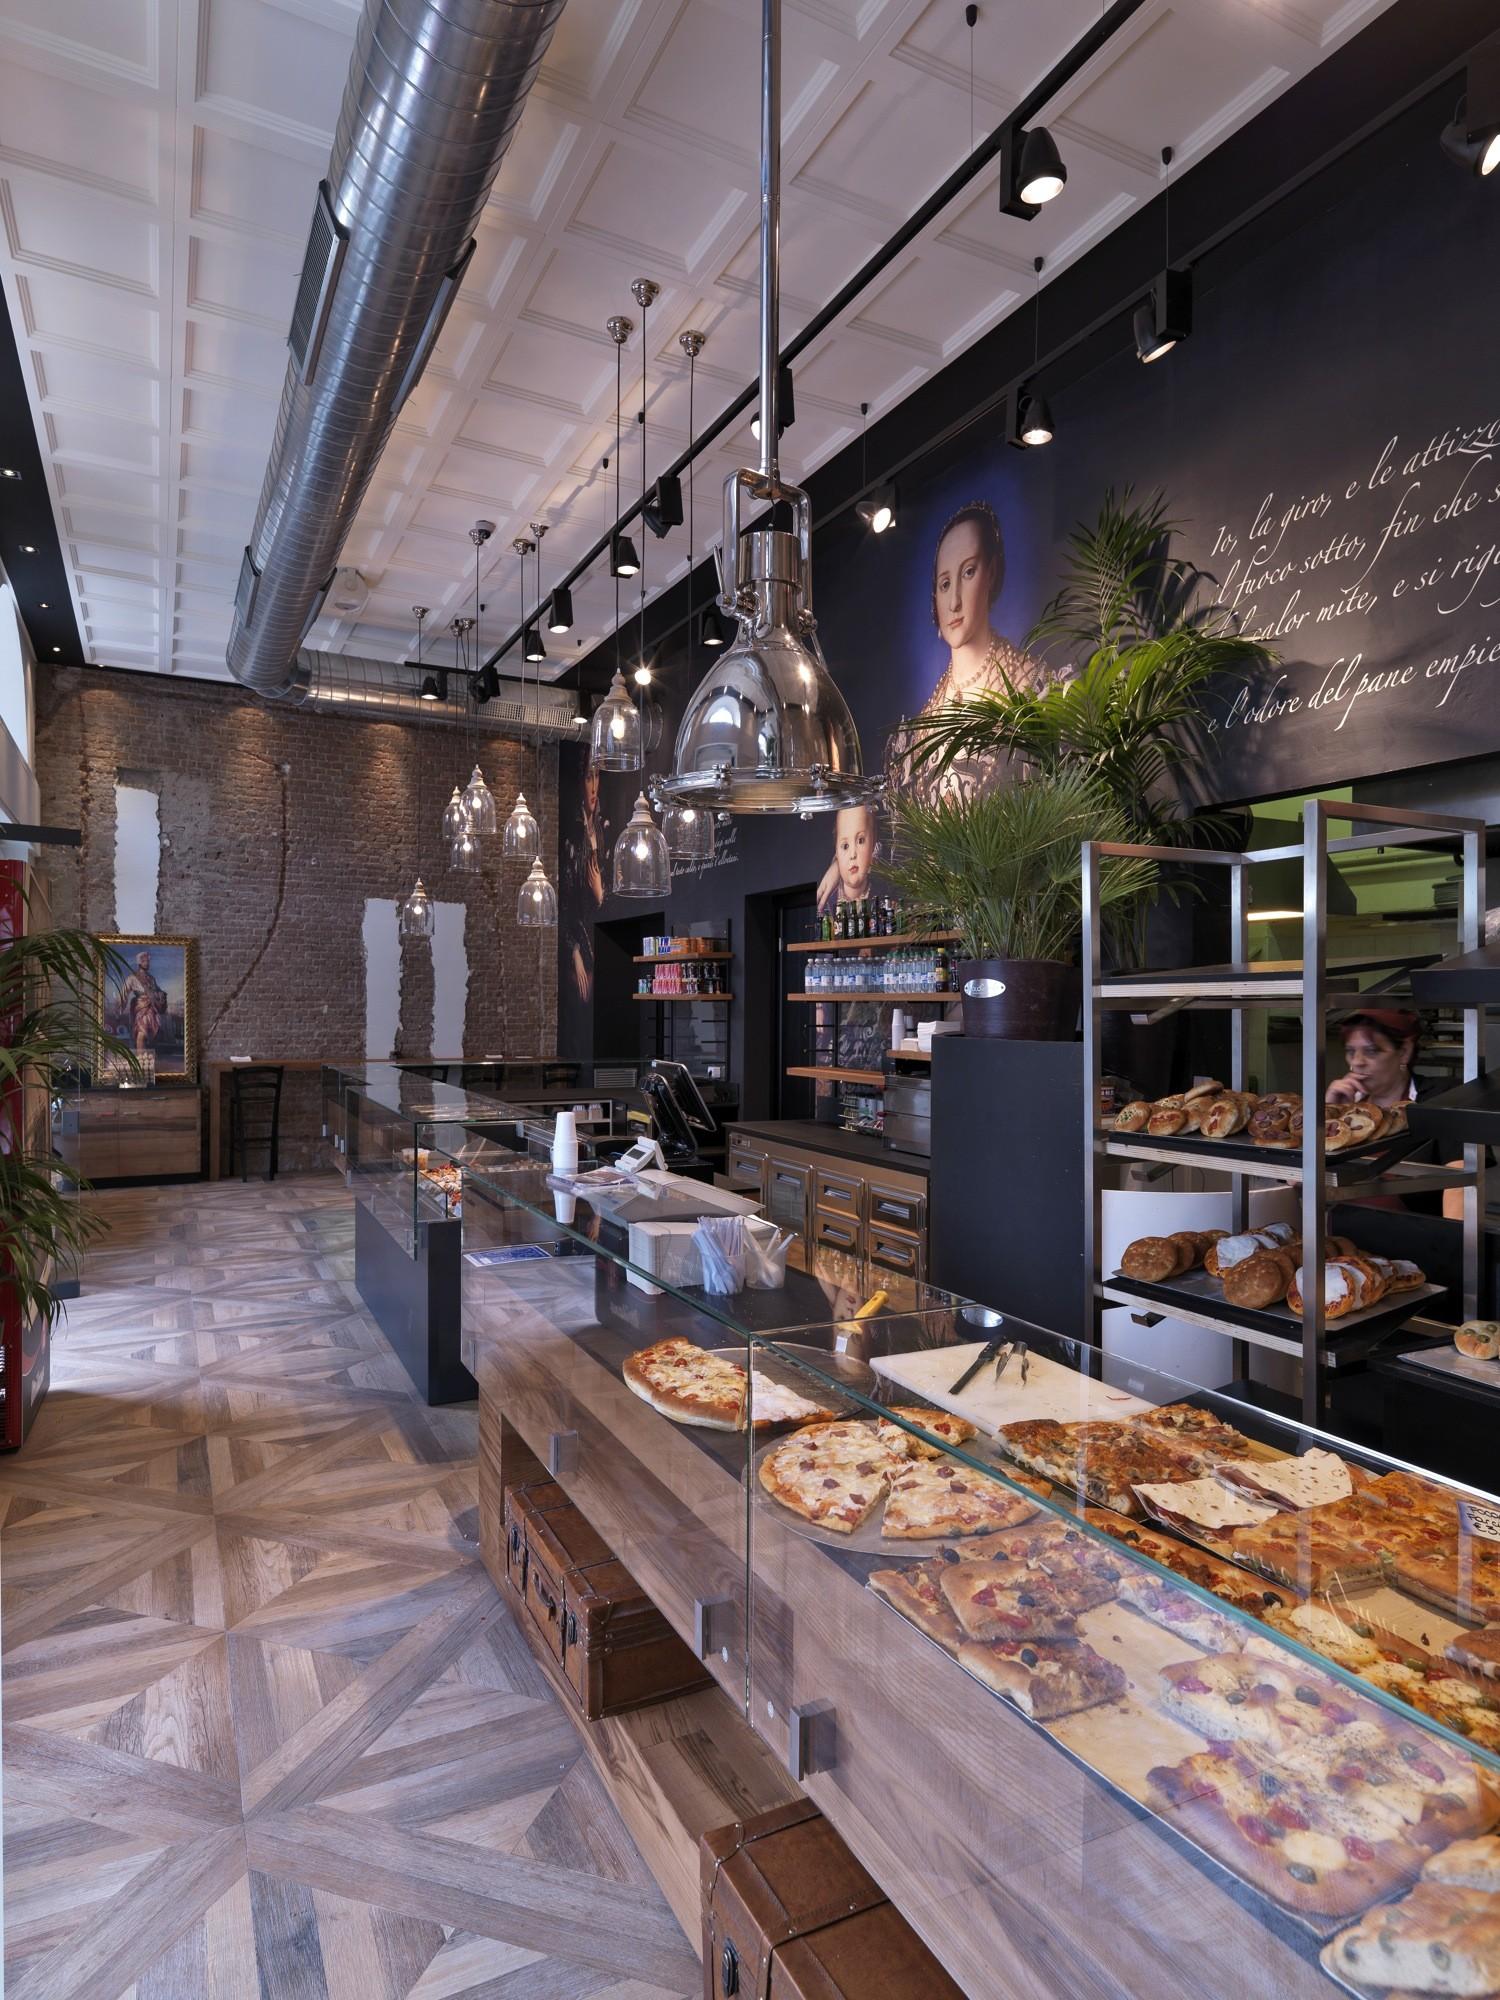 Gallery of binario 11 andrea langhi design 5 - Interior design cafe milano ...